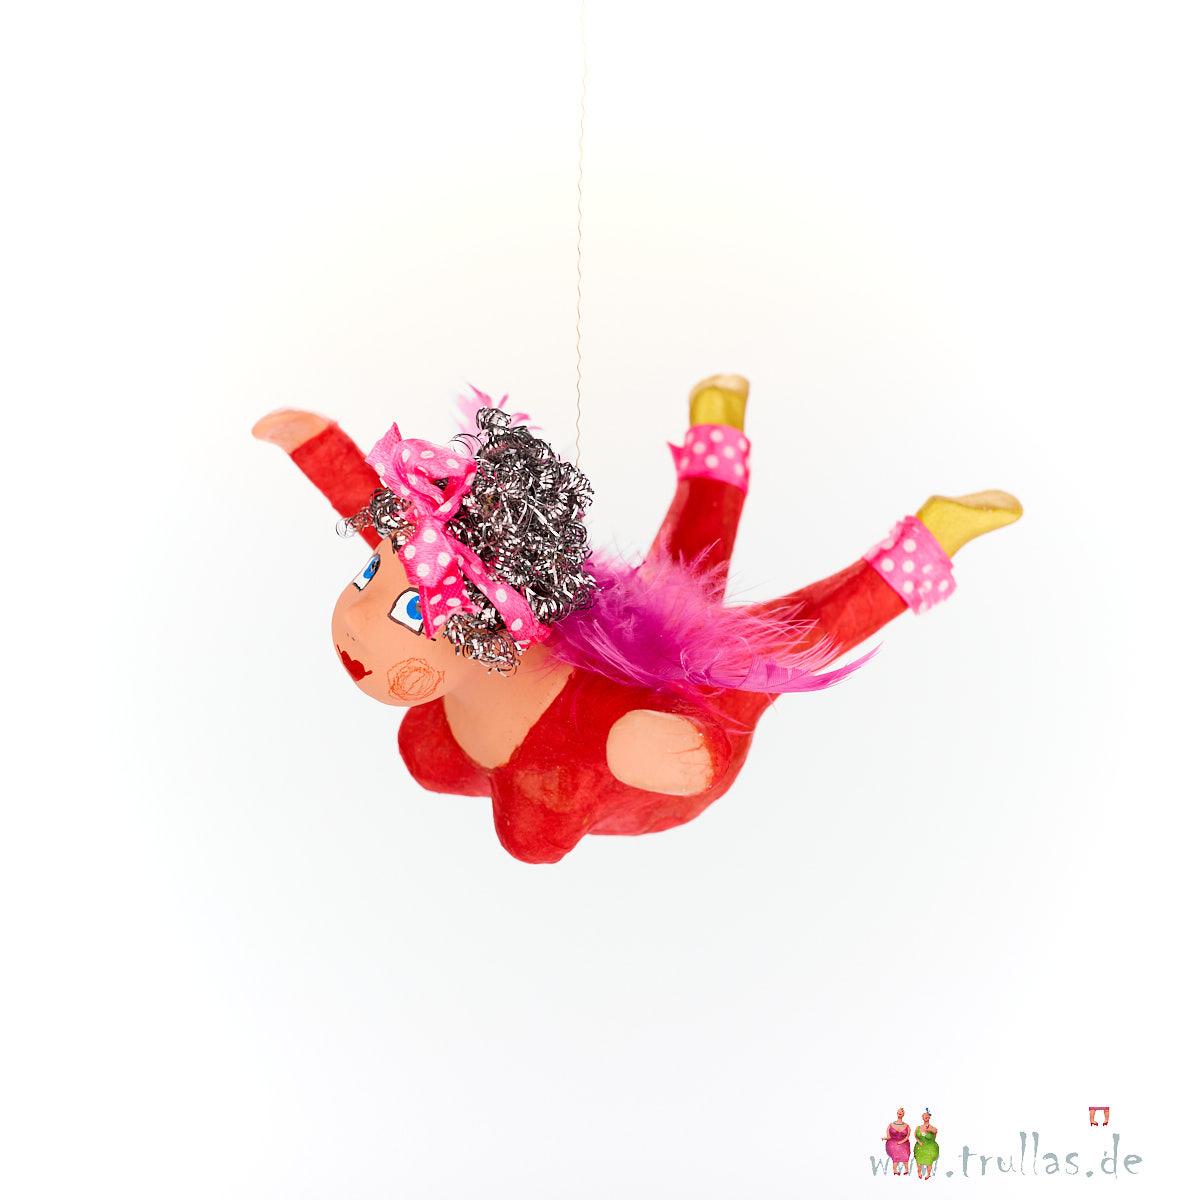 Schutzengelchen - Aneta ist eine handgefertigte Figur aus Pappmachee. Trullas sind Geschenkideen fur Menschen die handgemachte Kunst schätzen.